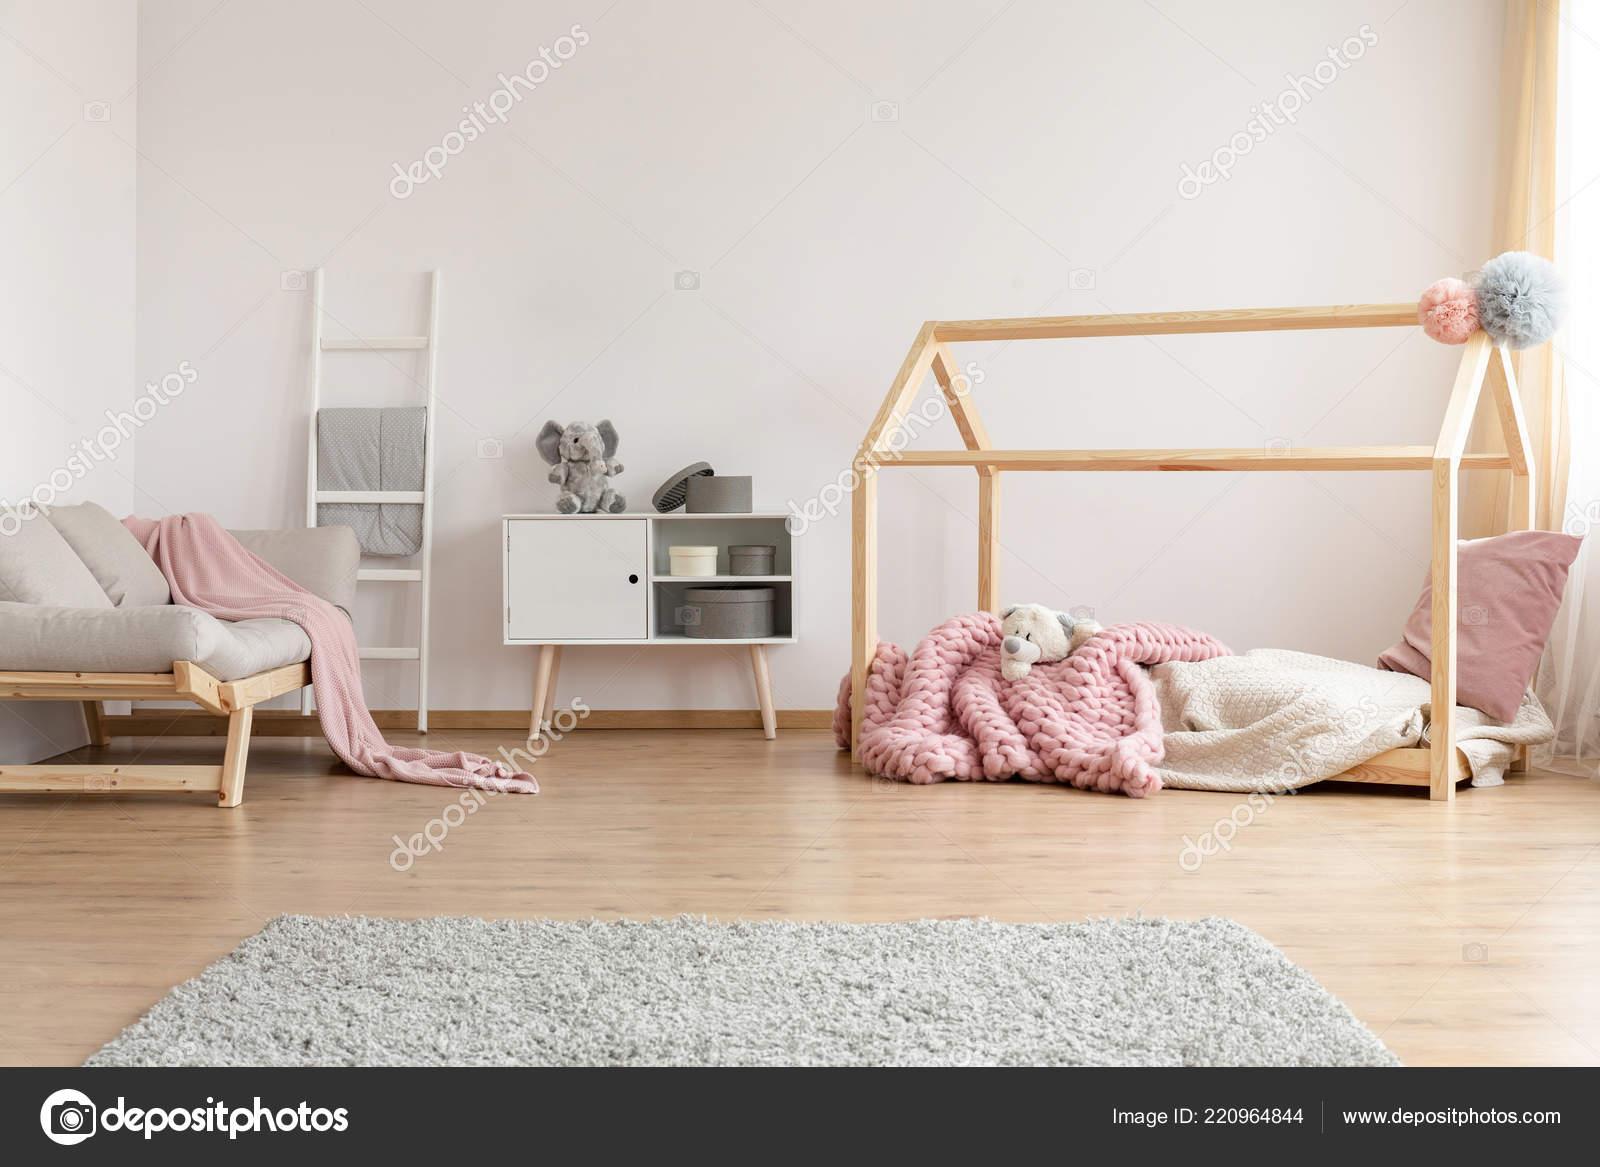 Camera Da Letto Con Divano : Interno camera letto bambino luminoso con divano grigio armadio